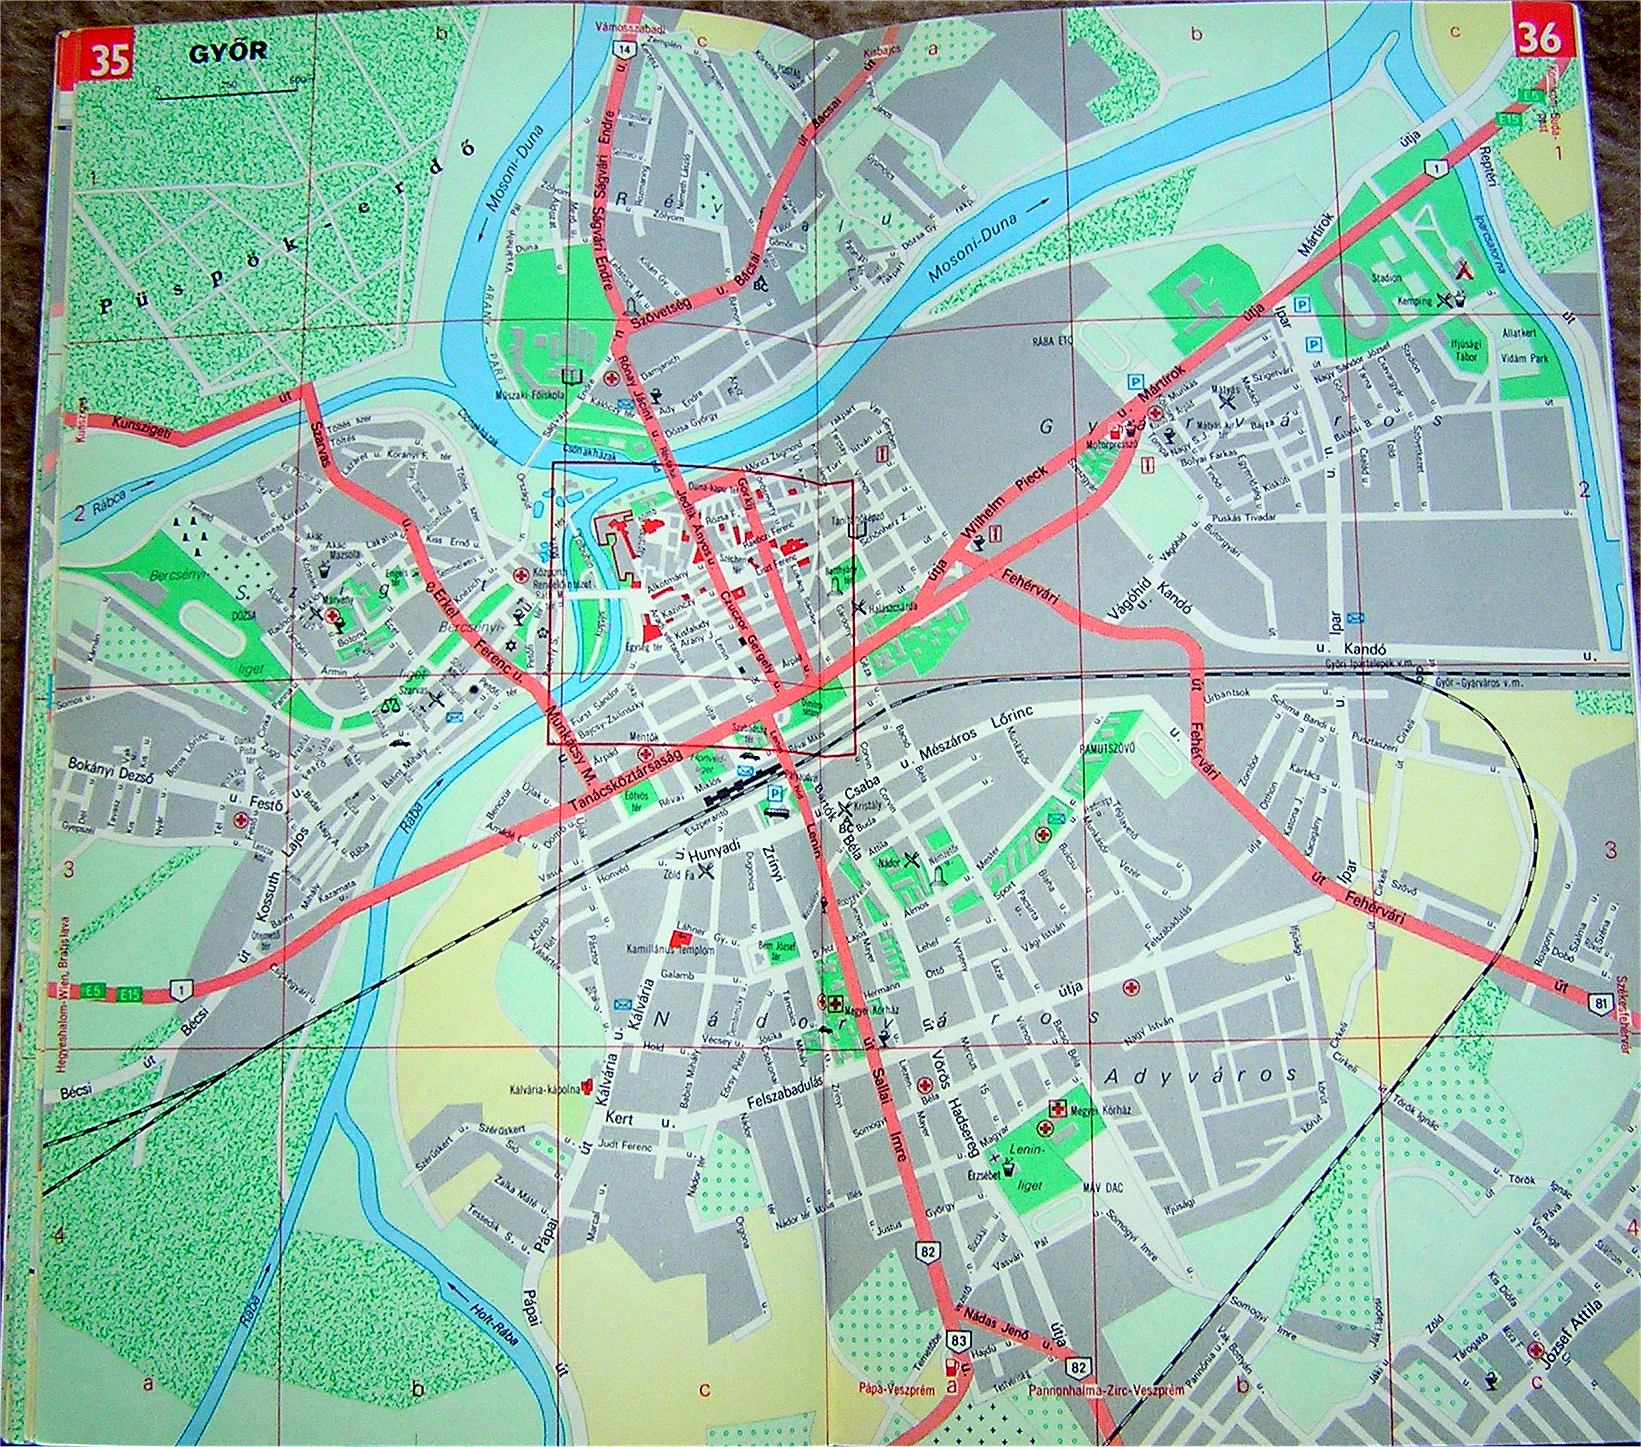 győr térkép Győr: Győr térkép (kép)